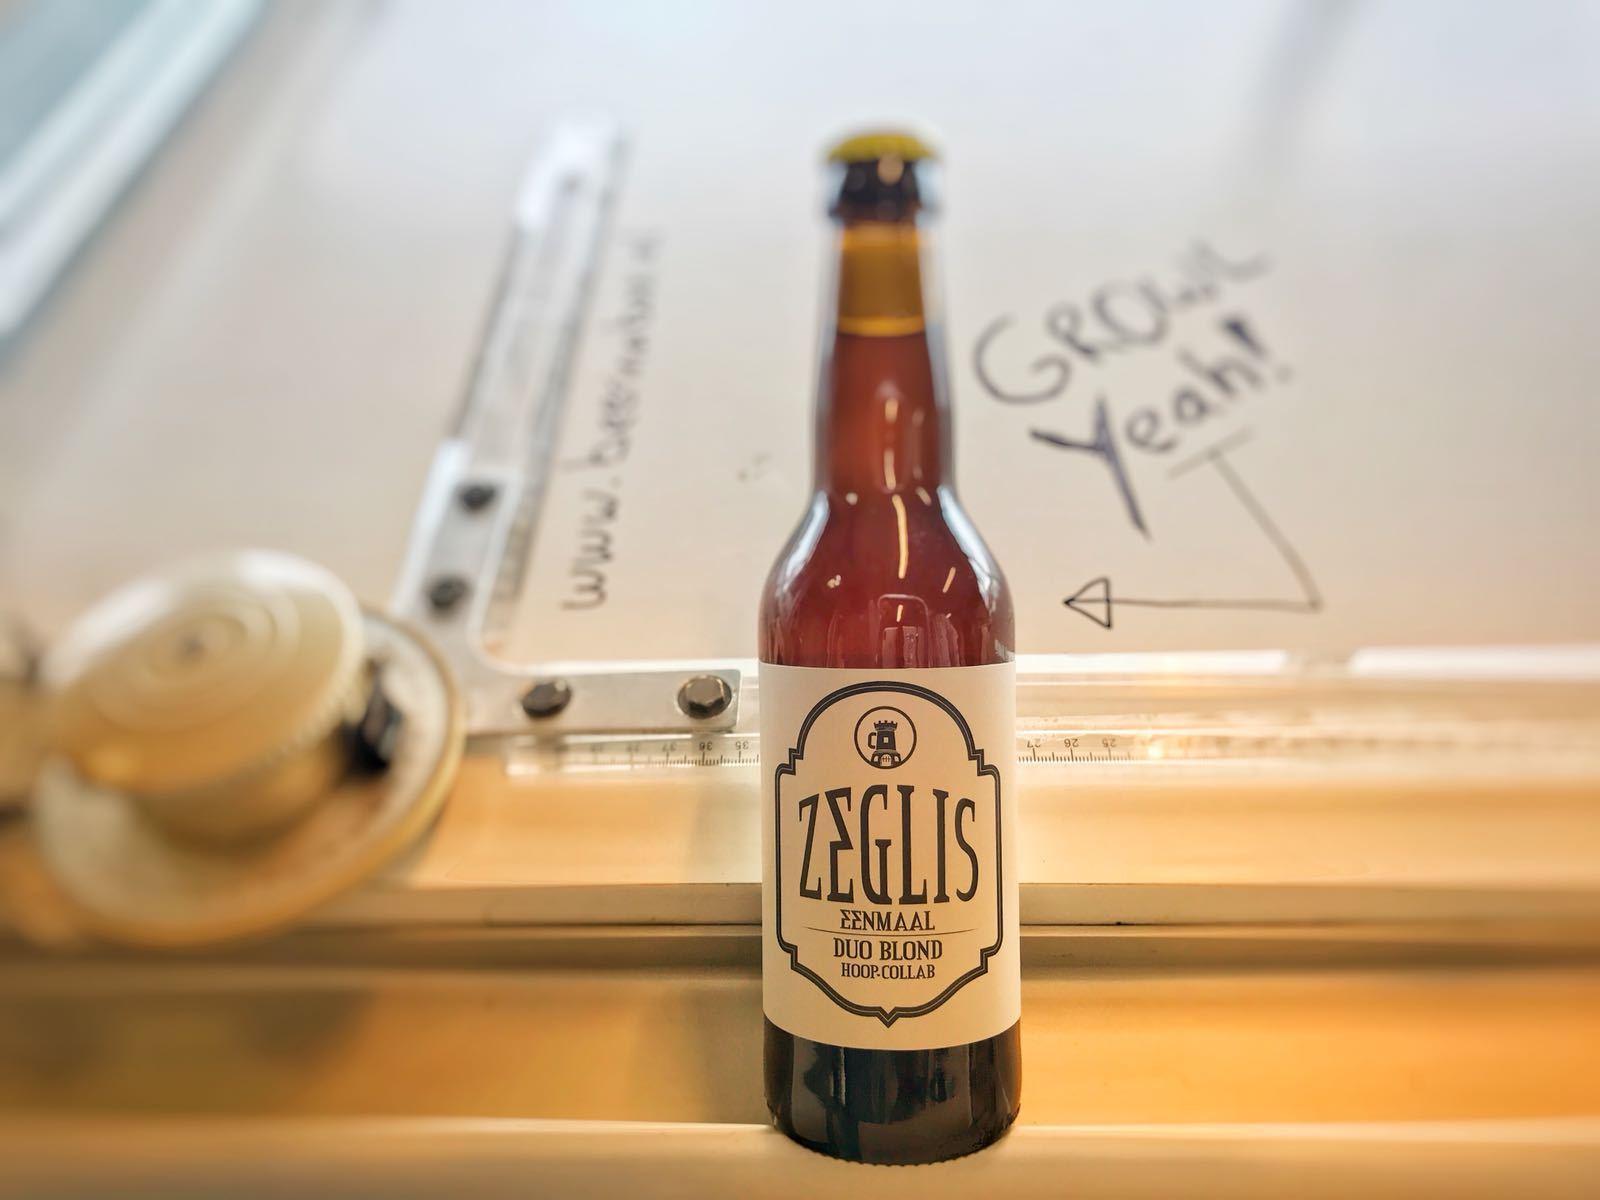 Eenmaal van Brouwerij Zeglis i.o.